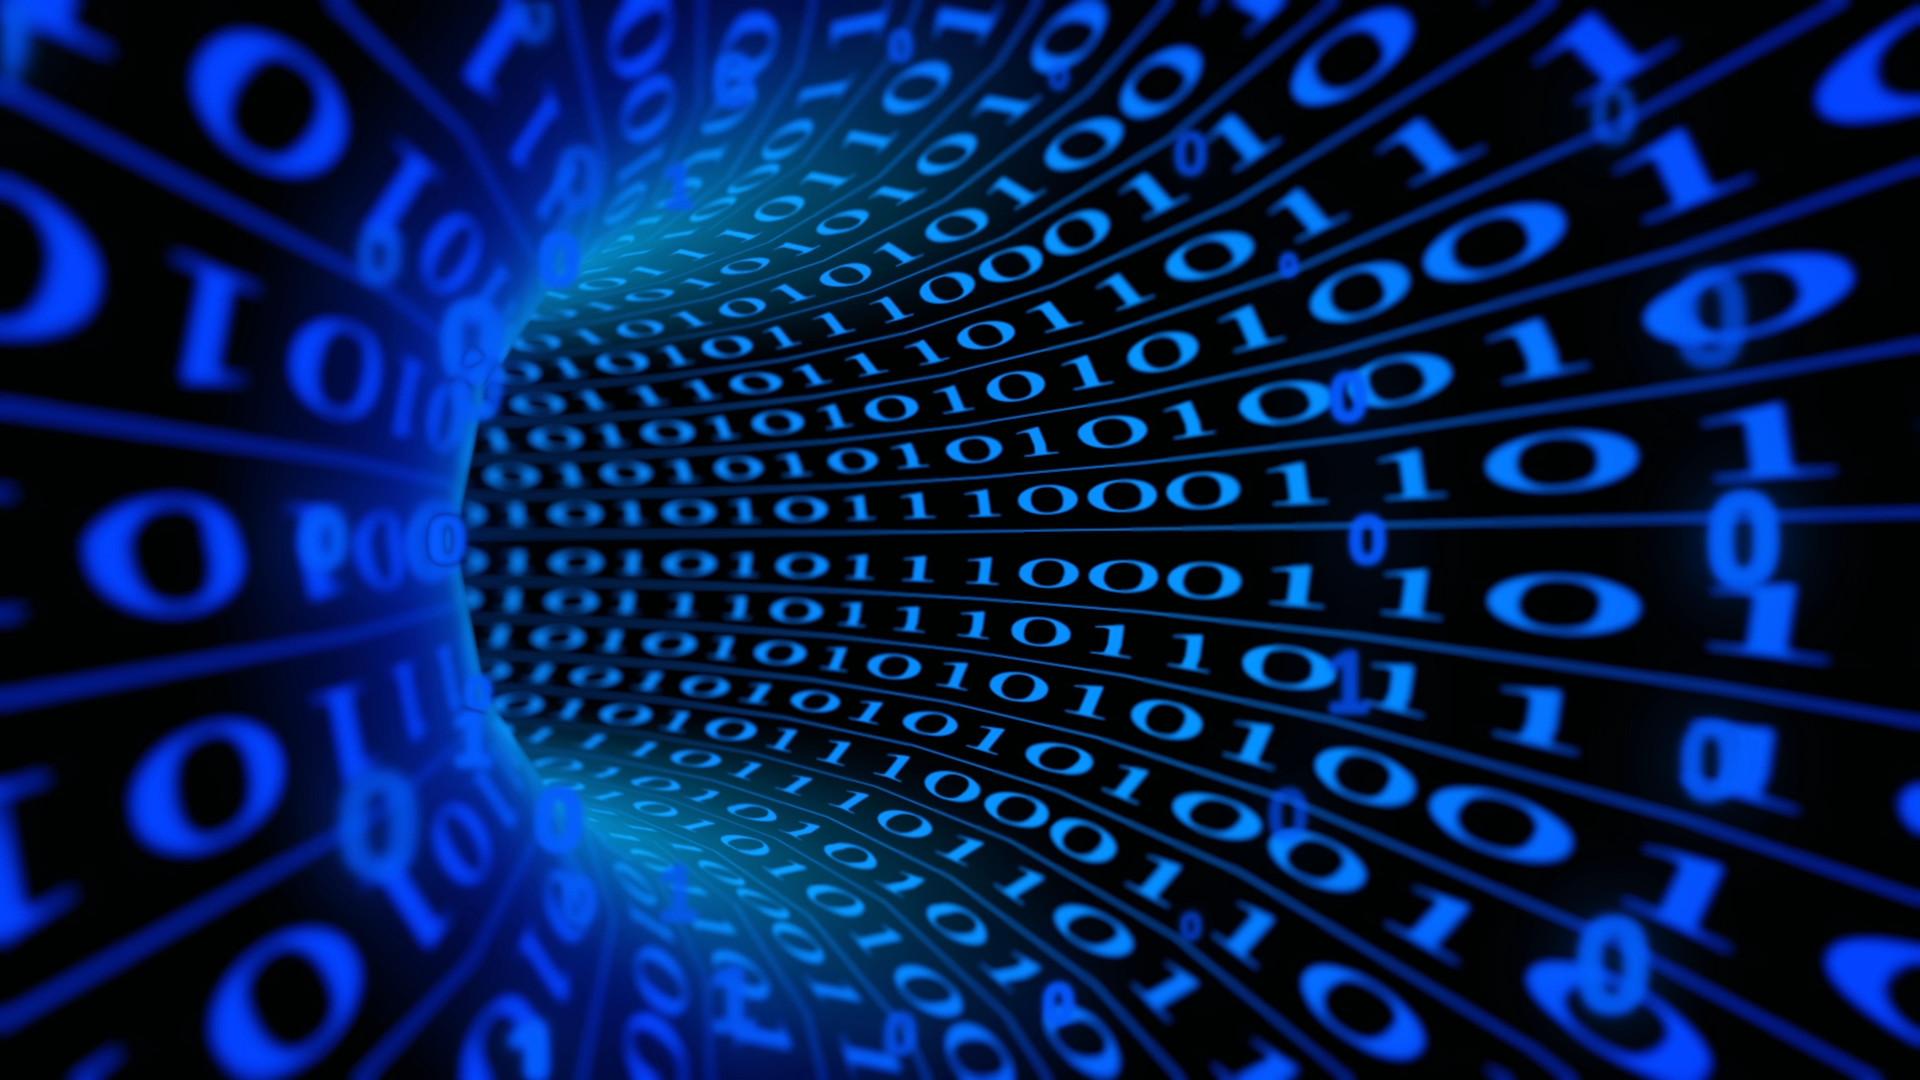 Blue Matrix Wallpaper – Mbagusi.com